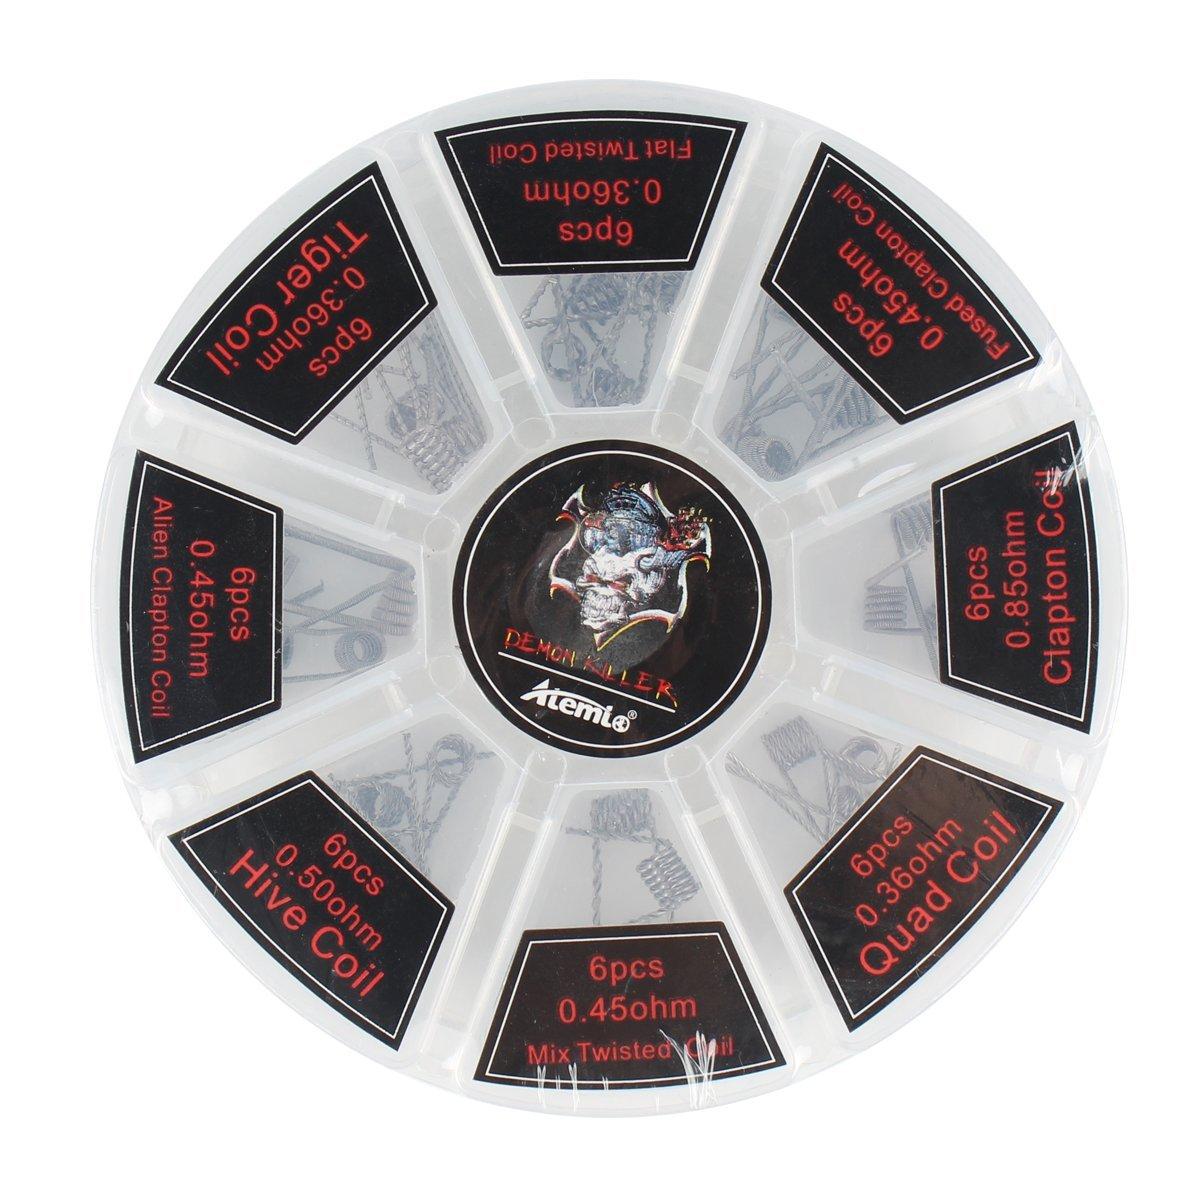 Kit di fili pre-avvolti A1, Atemto 8-in-1 per RDA RBA RDTA E sigaretta Alien Clapton Coil, Fused Clapton Coil, Tiger Coil, Clapton Coil, Mix Twisted Coil, Hive Coil, Quad Coil, Flat Twisted Coil UK-WIRE-SC43